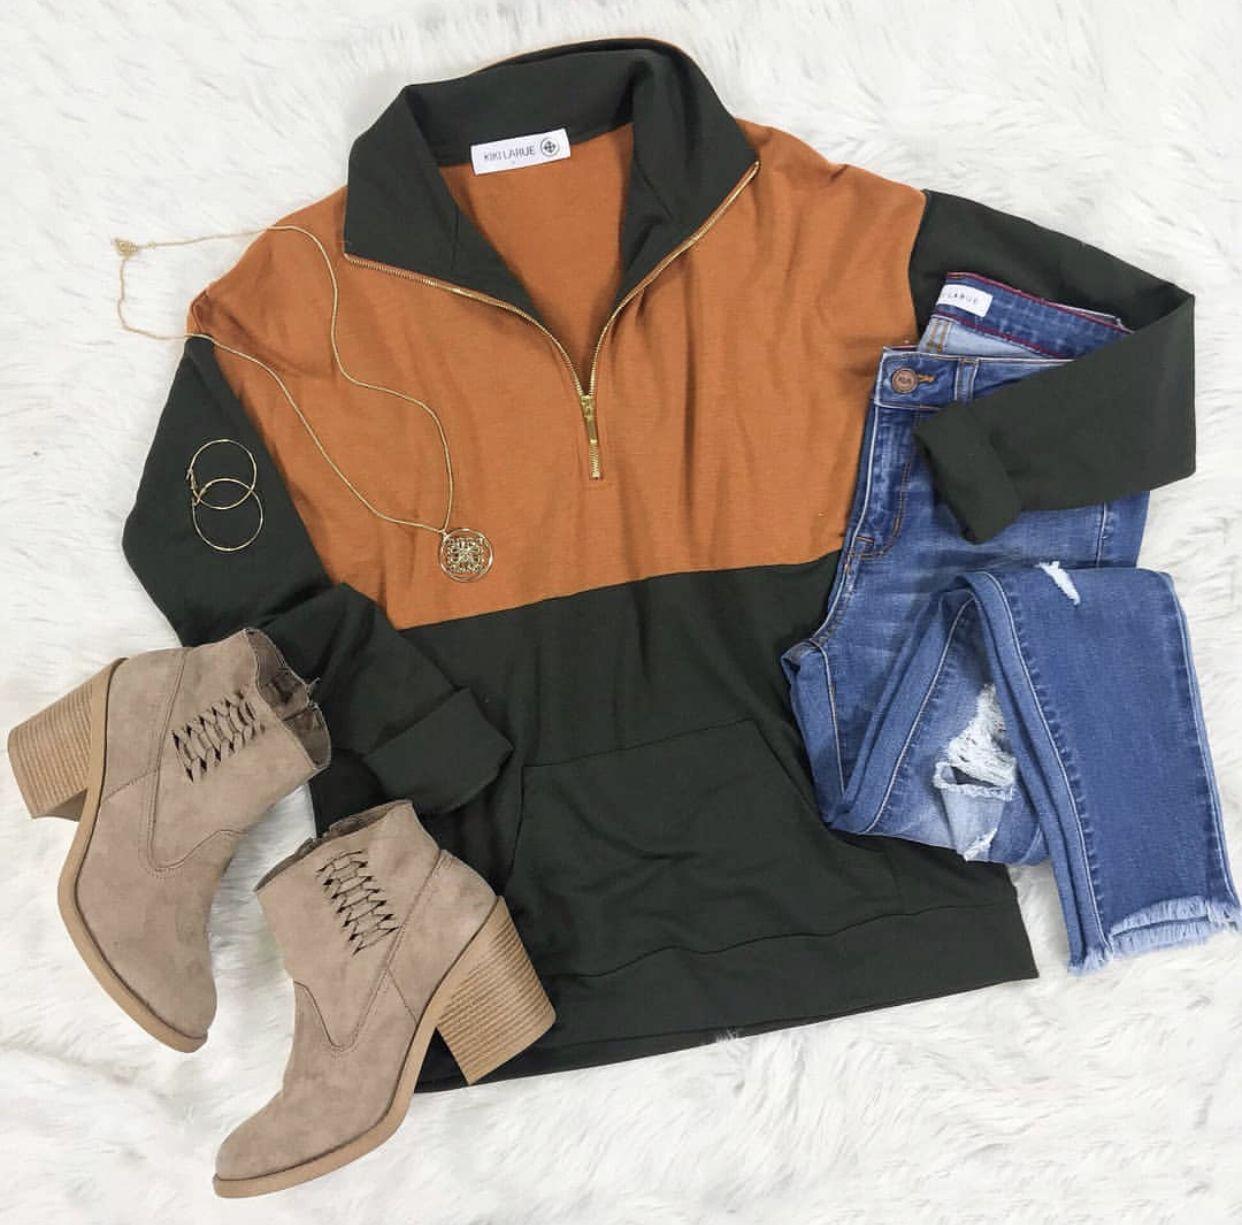 1dc7fc86c38 Black Velvet Gold Zippers Large Jacket | Buy Me on Tradesy! | Black Velvet,  Jackets, Anne Klein